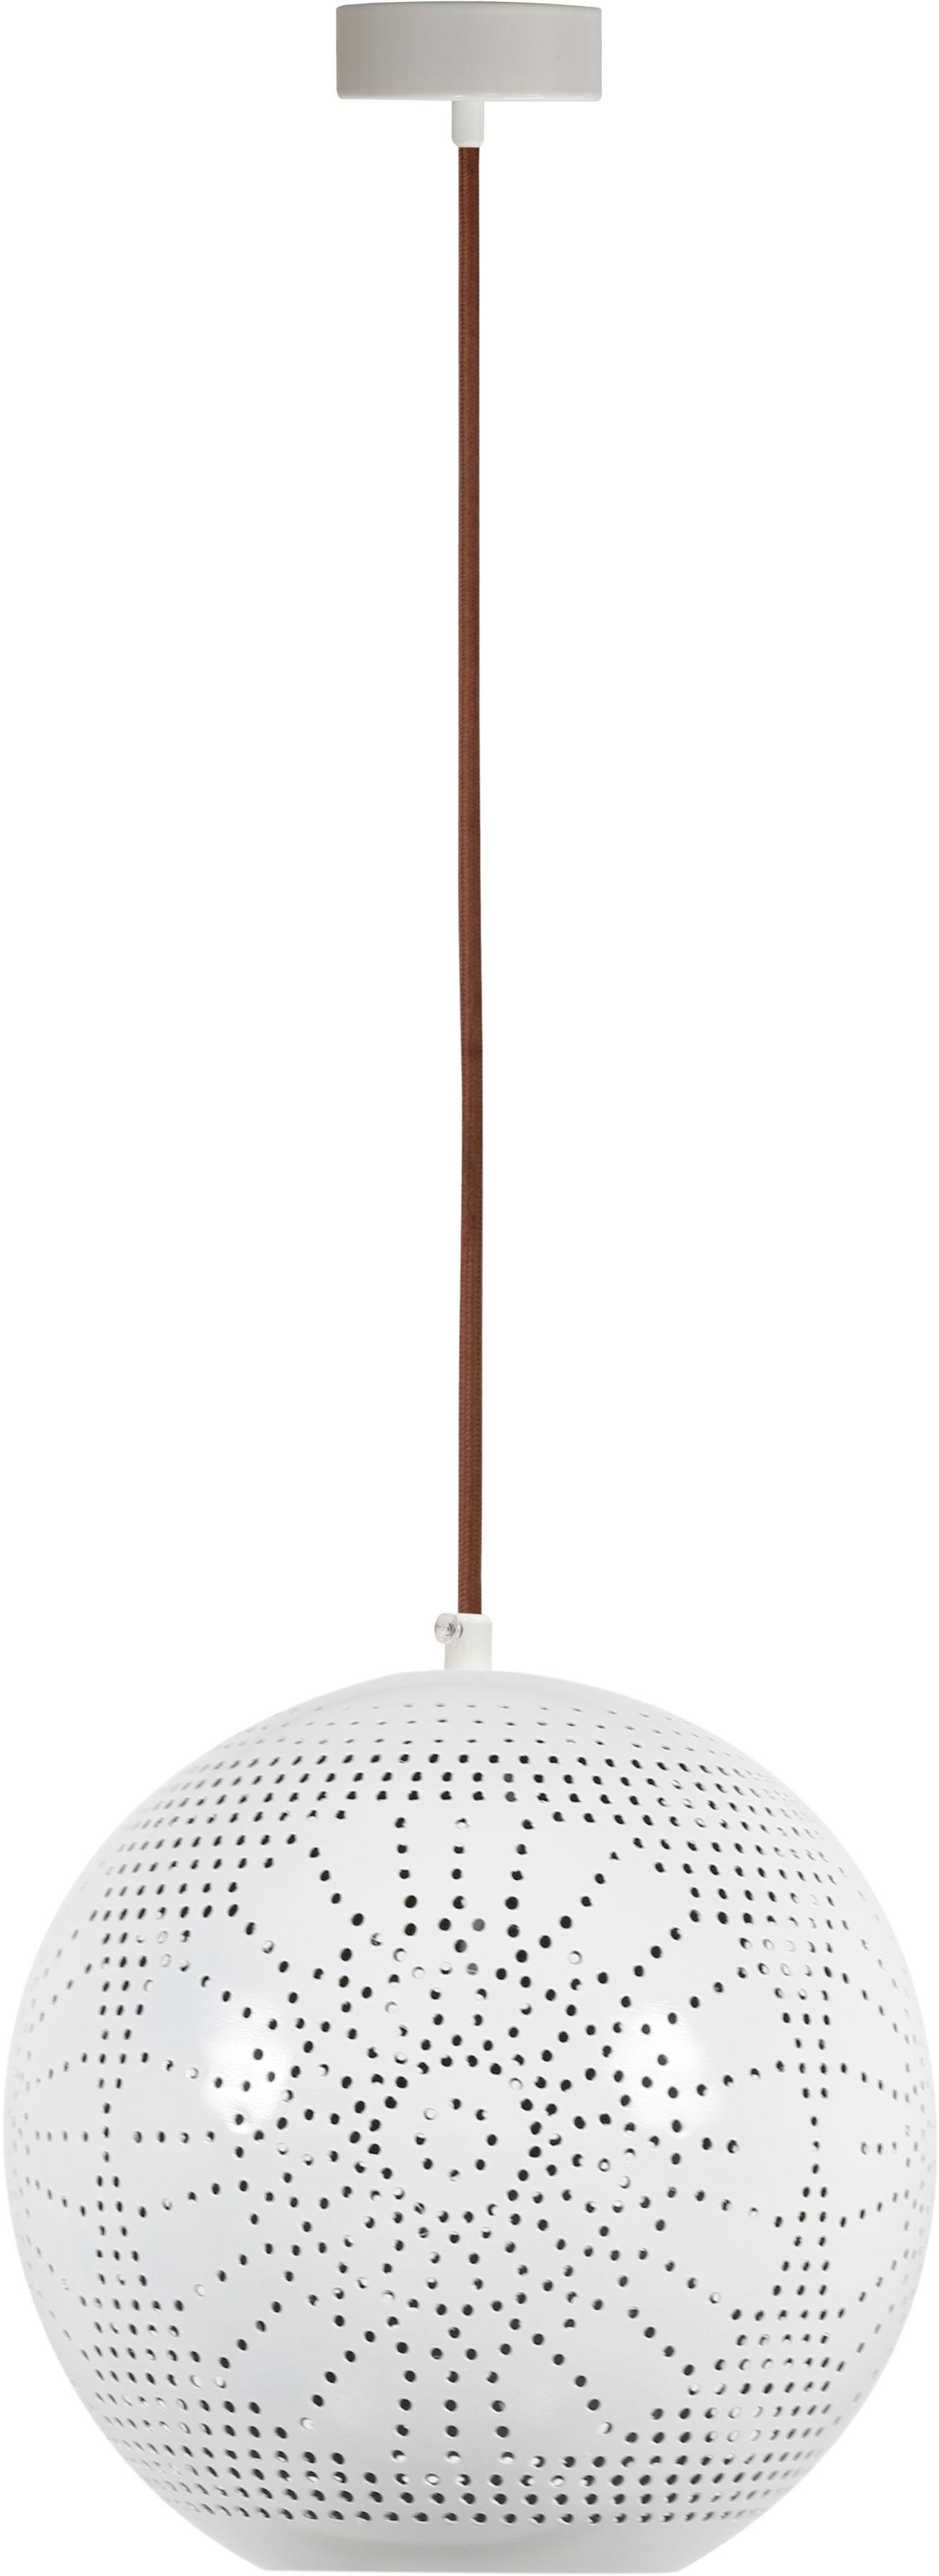 Candellux BENE 31-70586 lampa wisząca kula metalowy klosz ażurowy 1X60W E27 25cm